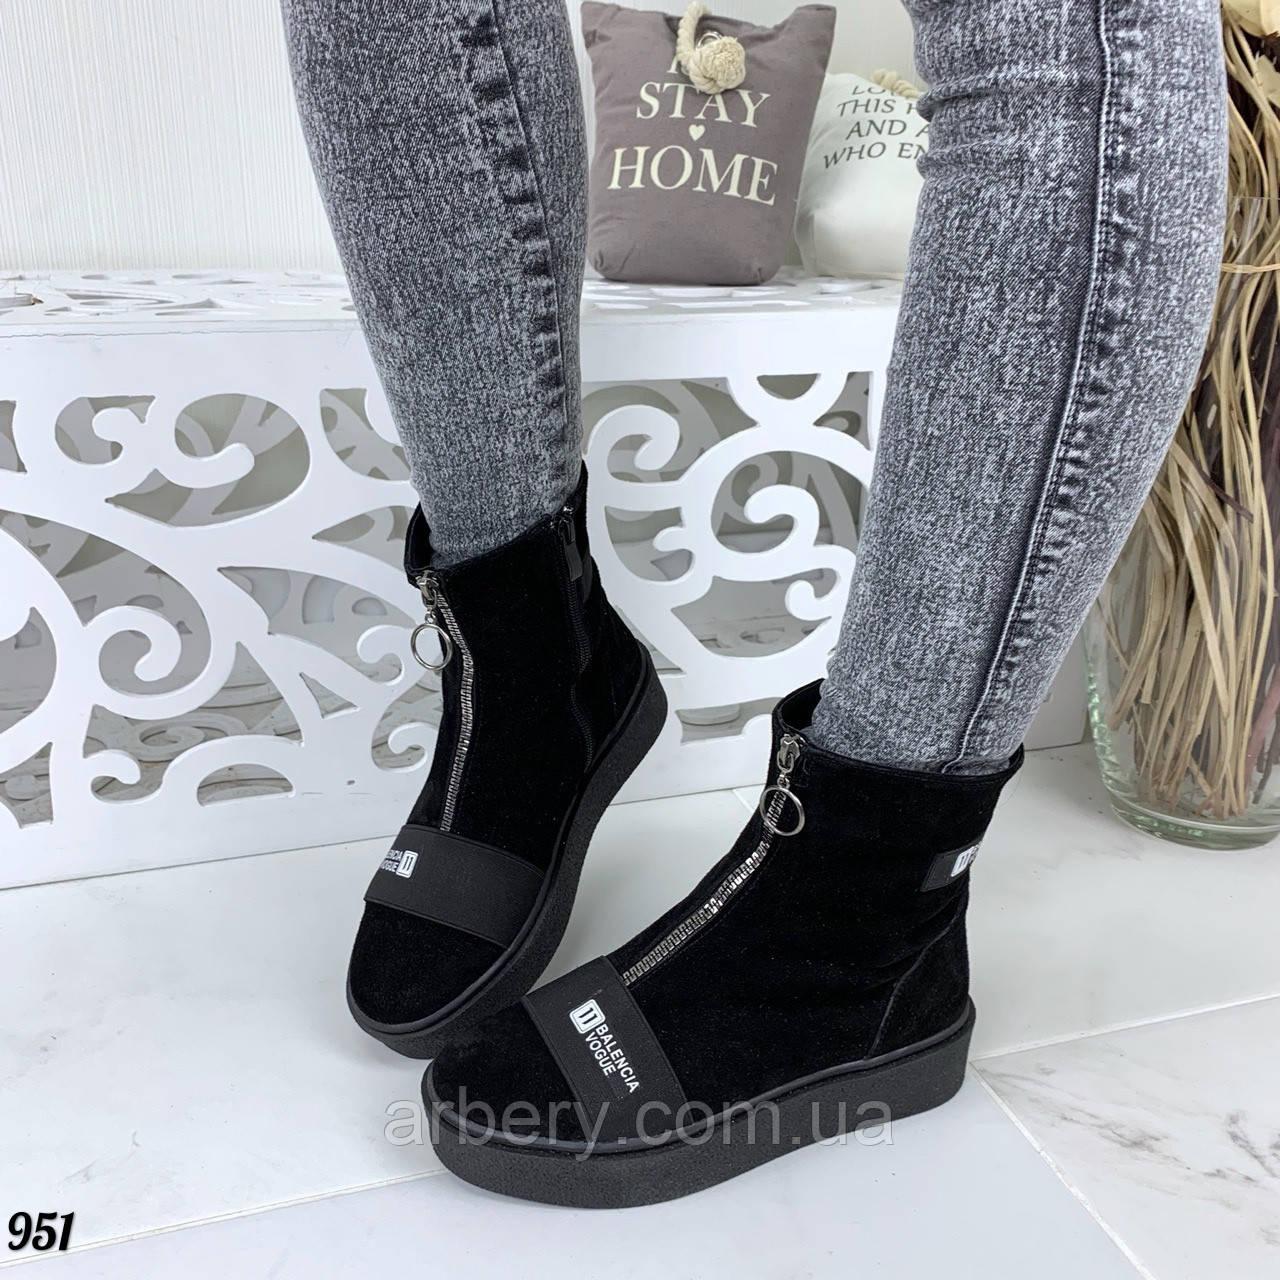 Женские зимние ботинки на каждый день